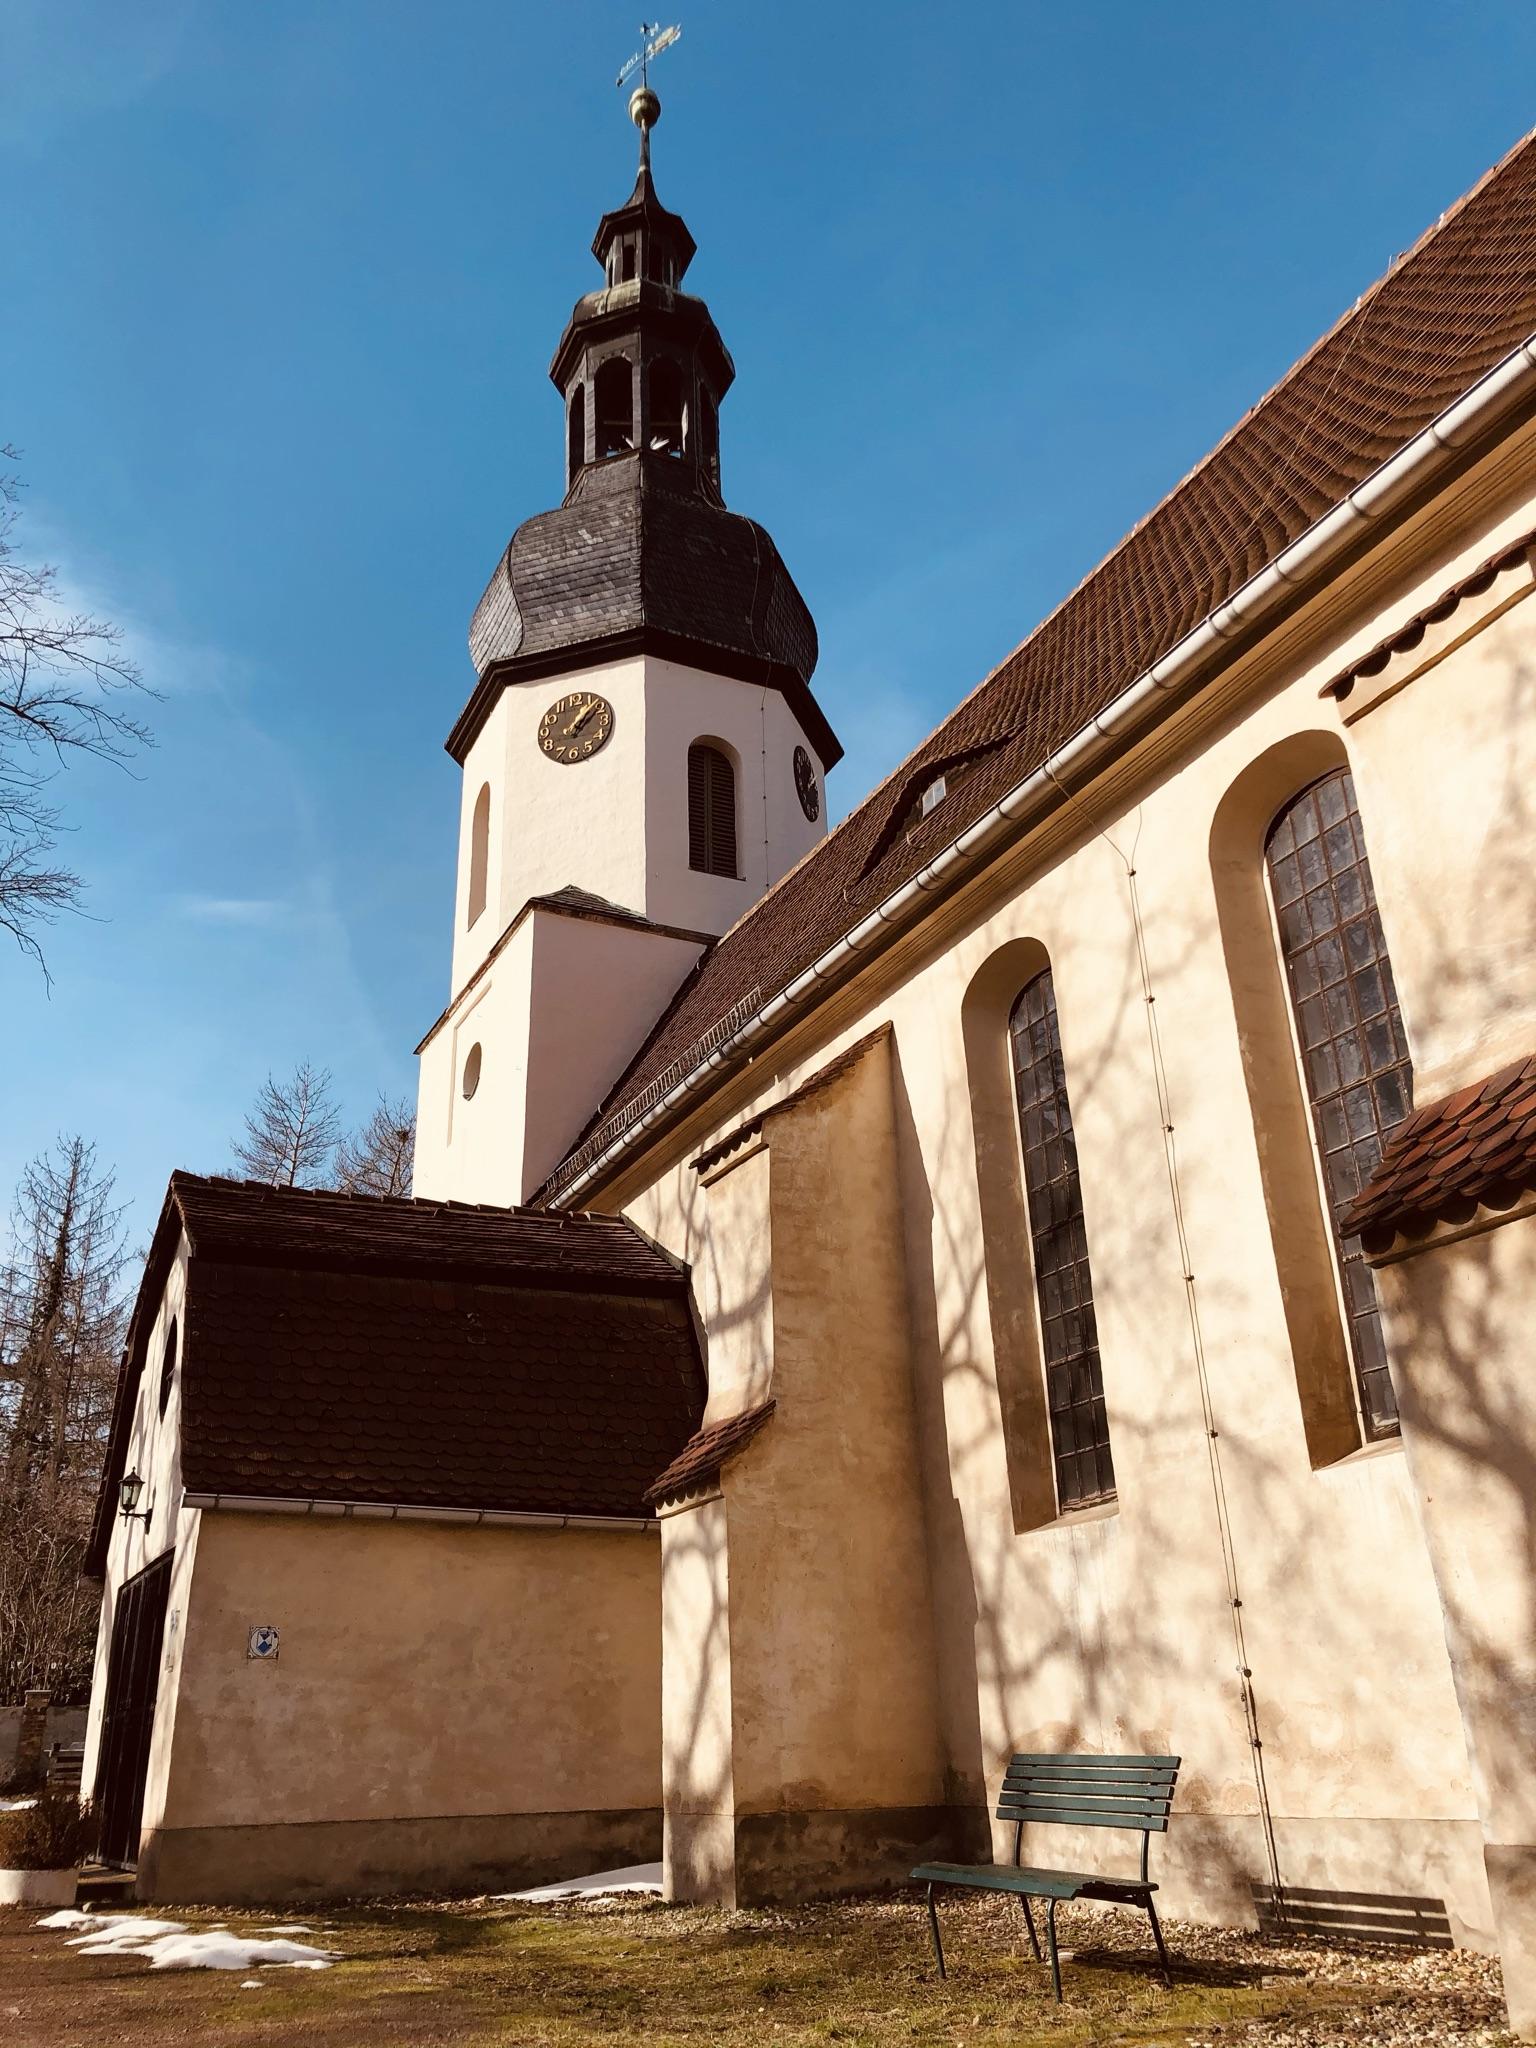 Fahrt des Gemeindekirchenrates ins Eichsfeld